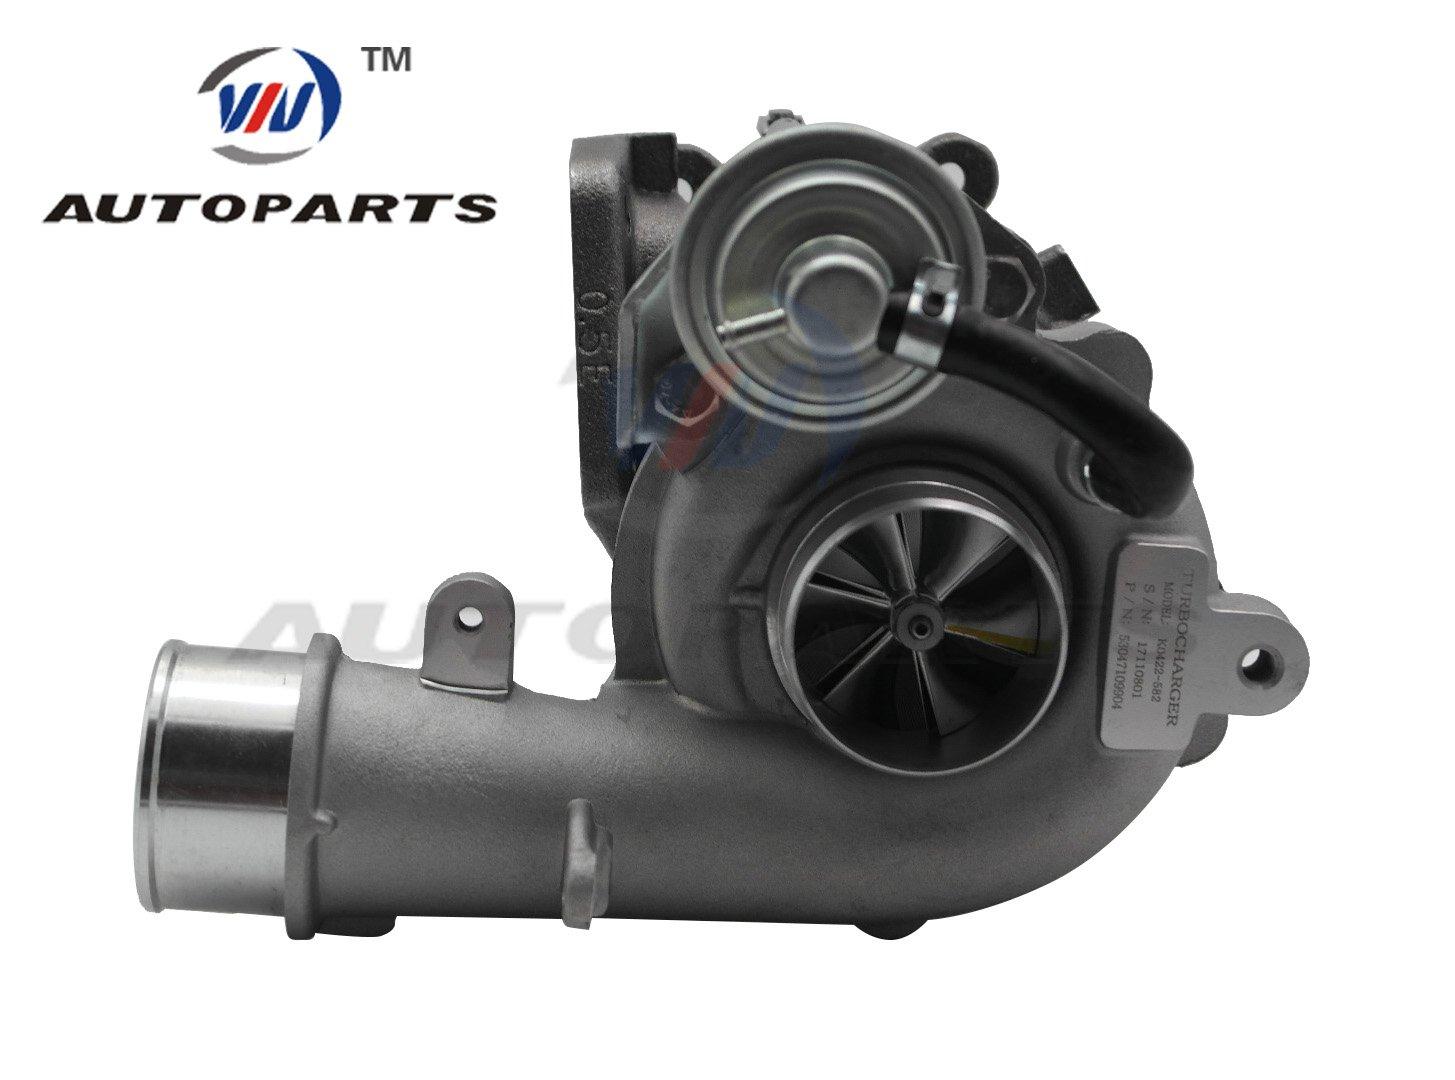 Billet 6+6 Turbocharger K0422-582 L33L13700B 53047109904 for Mazda CX7 CX-7 2.3L Gasoline Engine